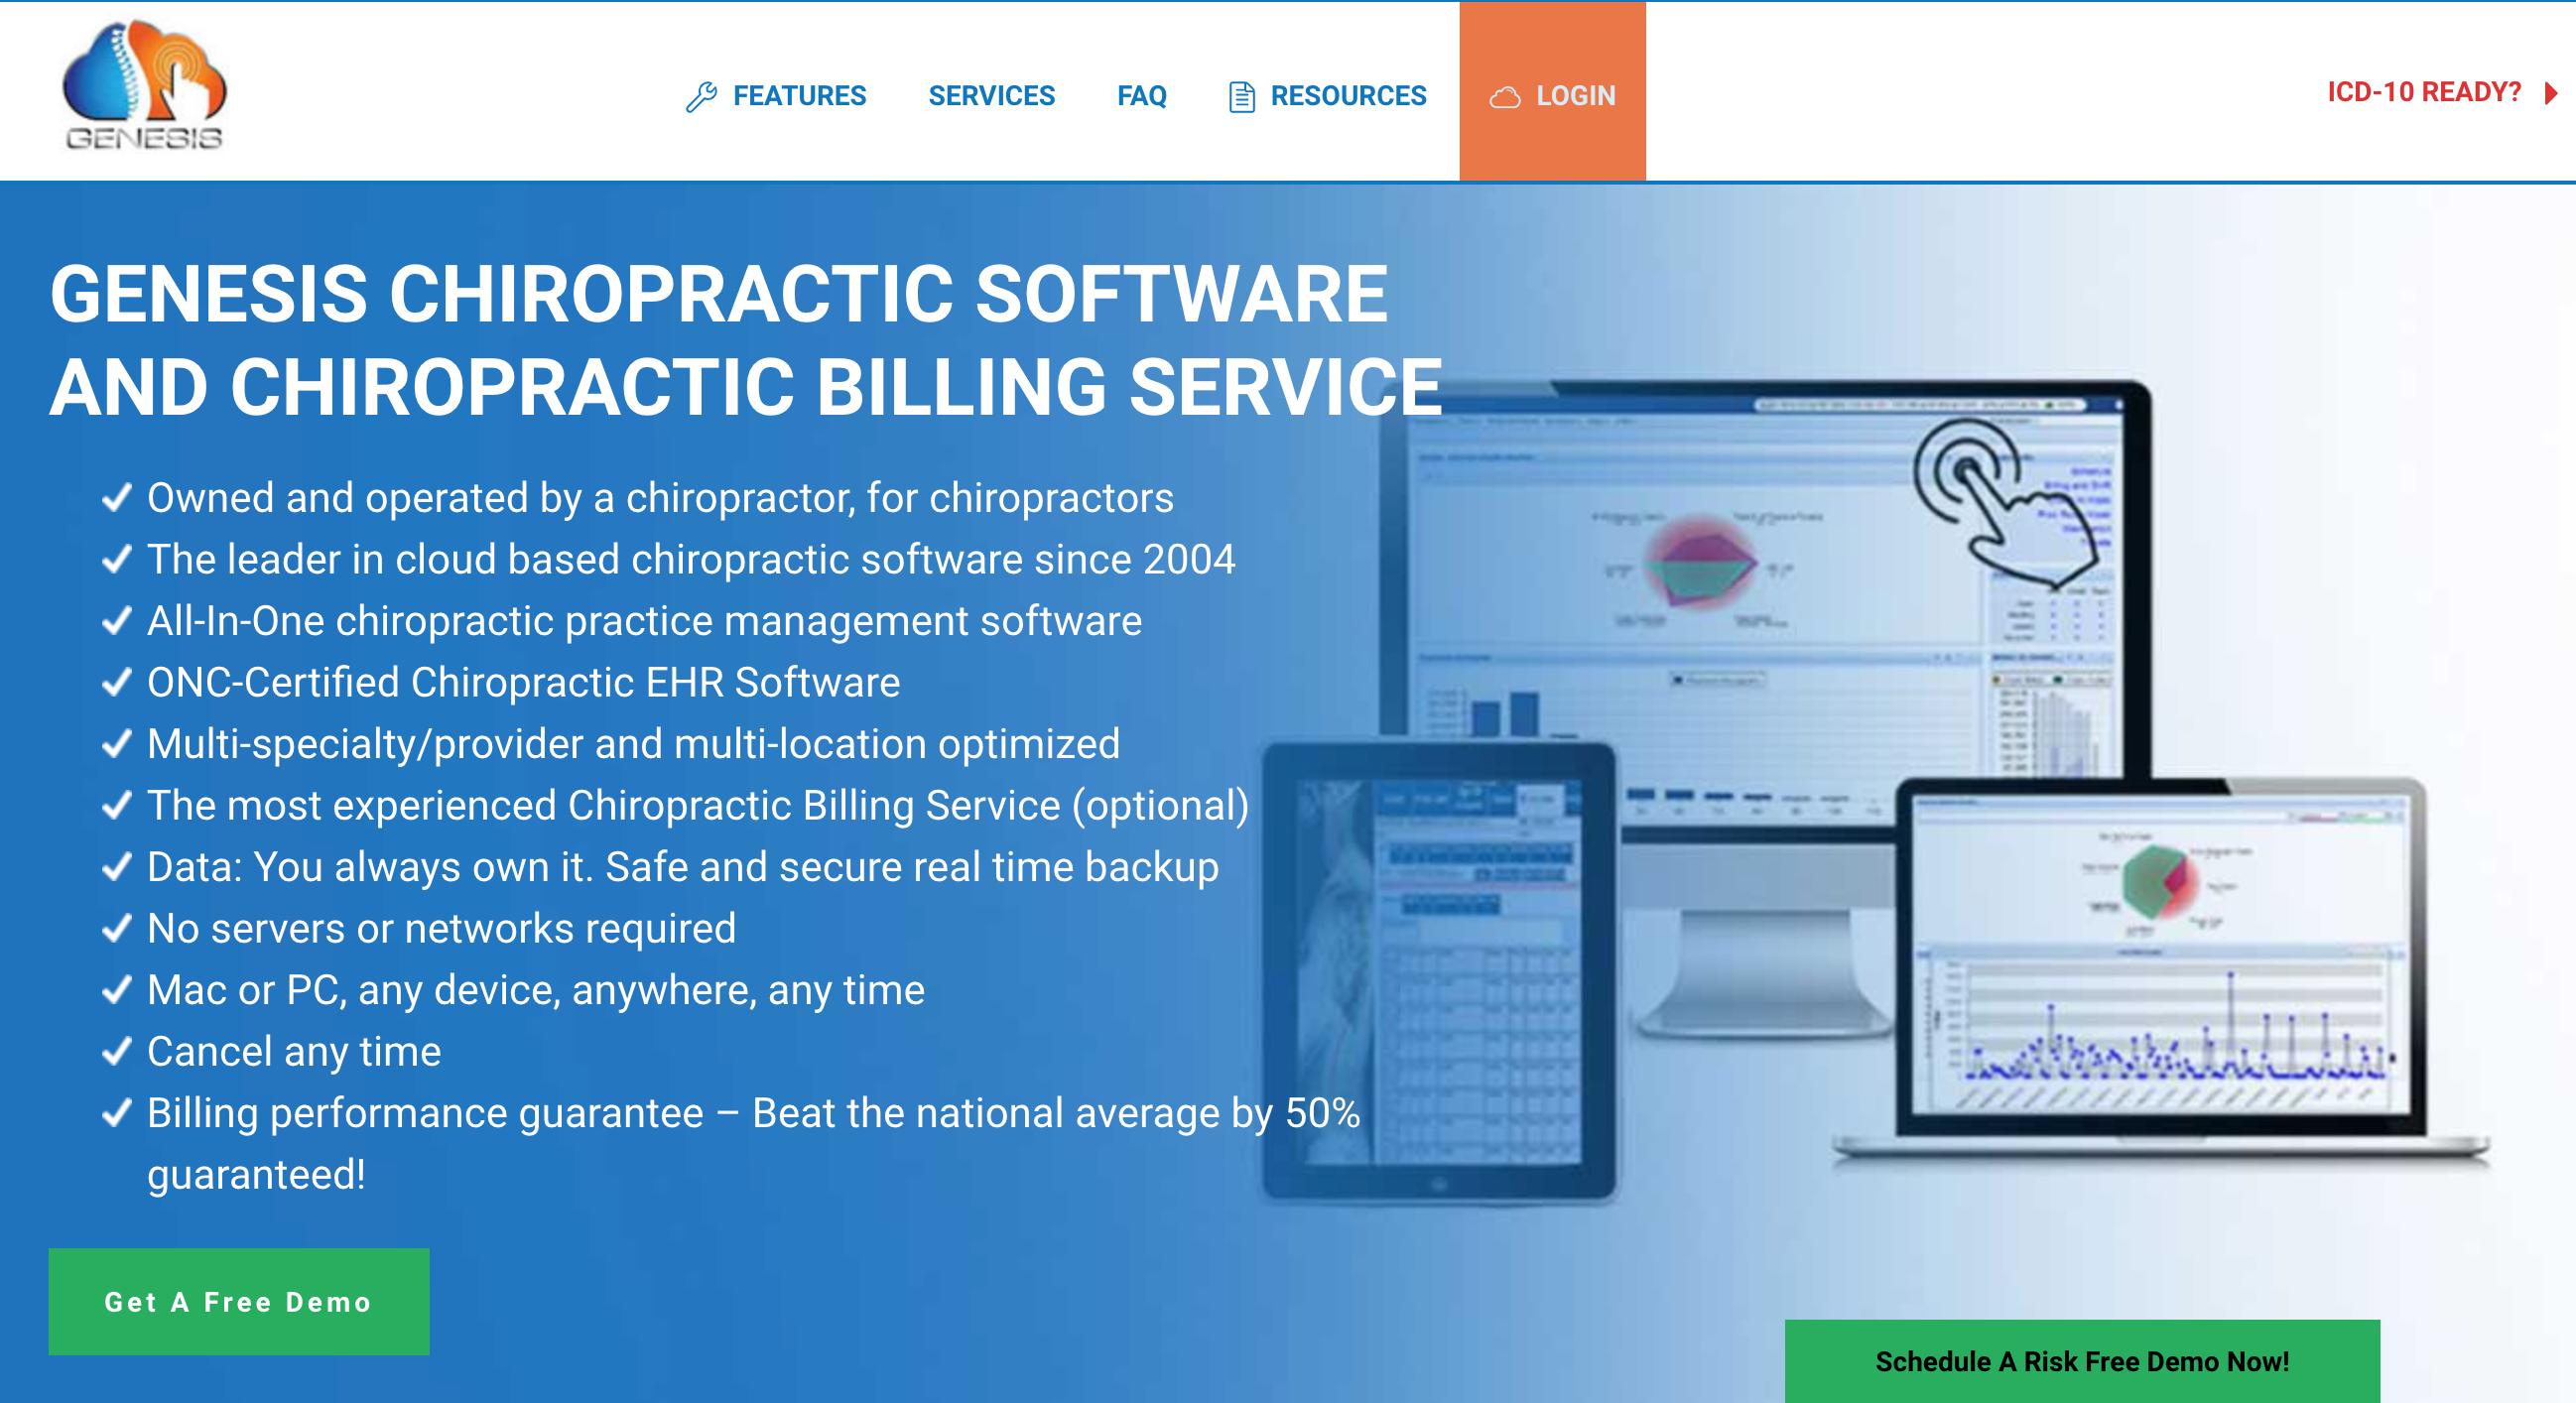 Genesis chiropractor software